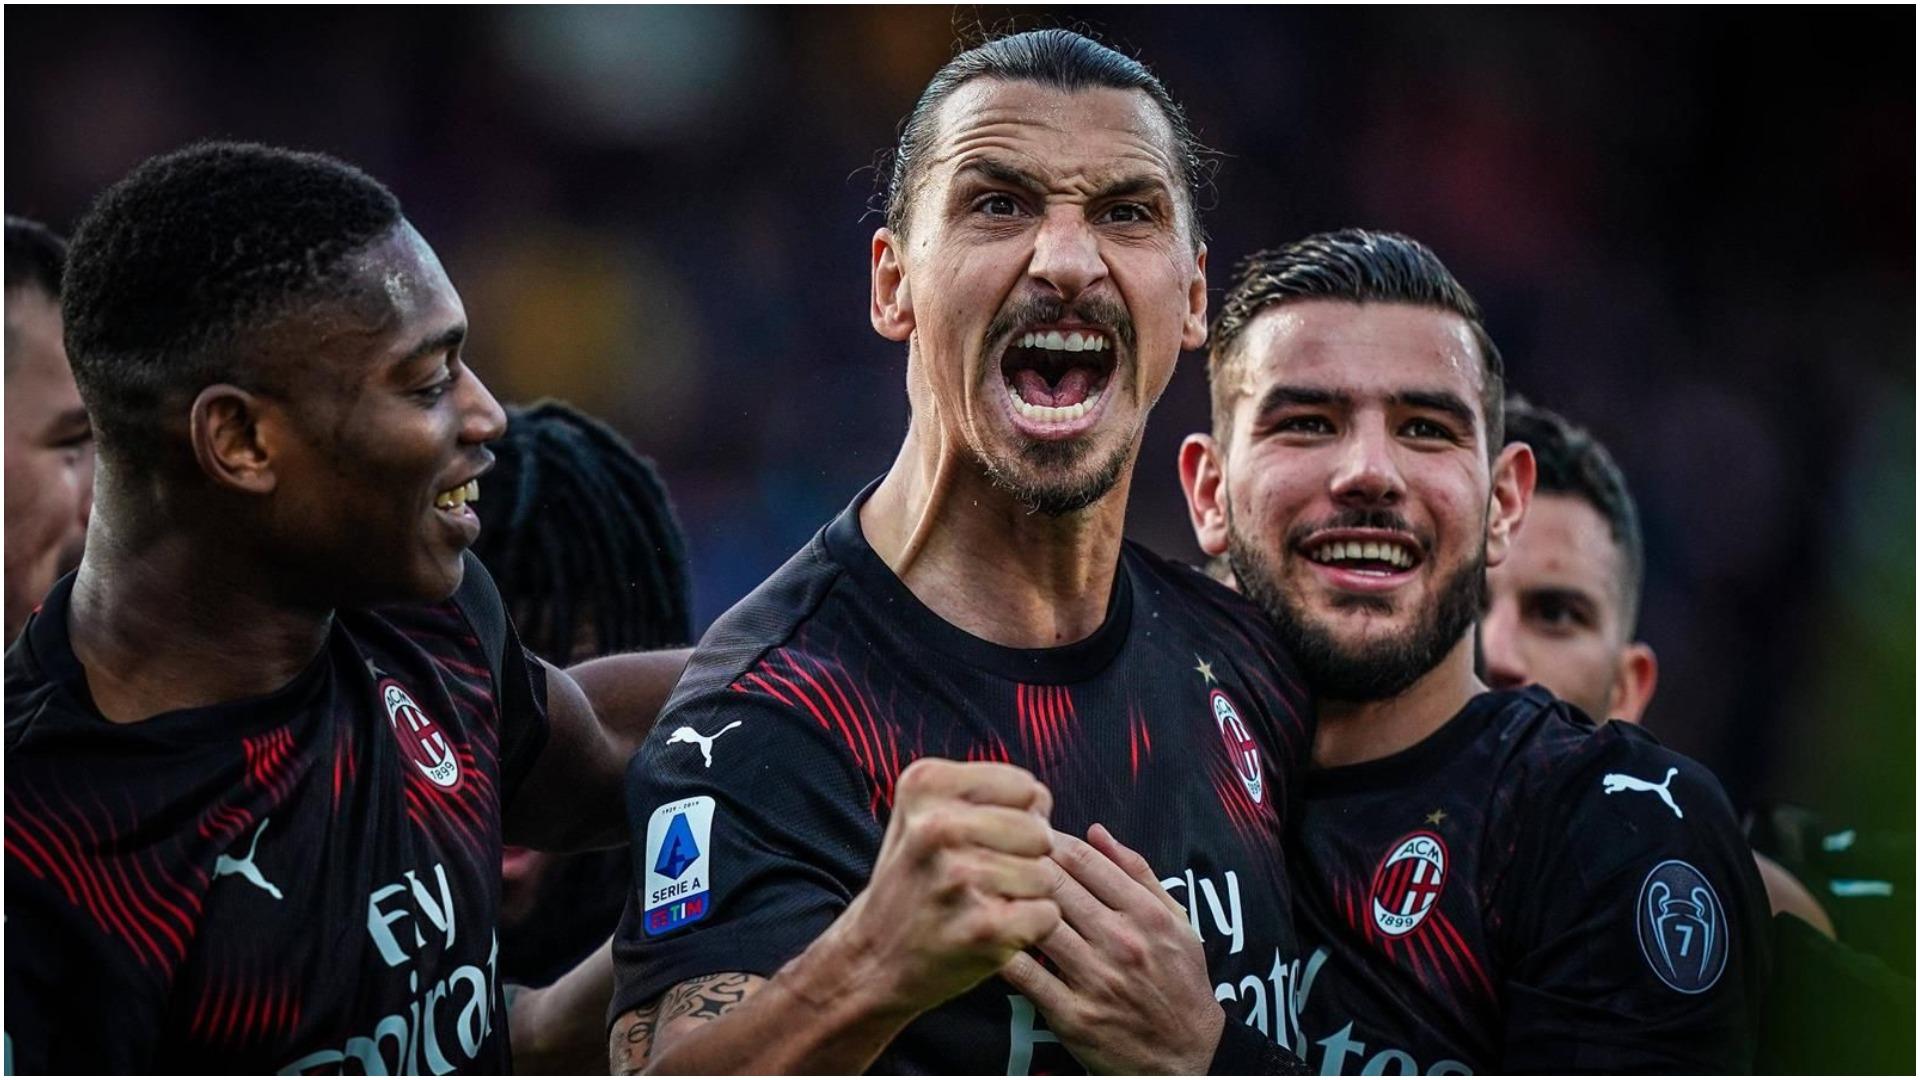 Ibrahimovic e thotë troç  Nuk luaj për kontratën  ky s është Milani im